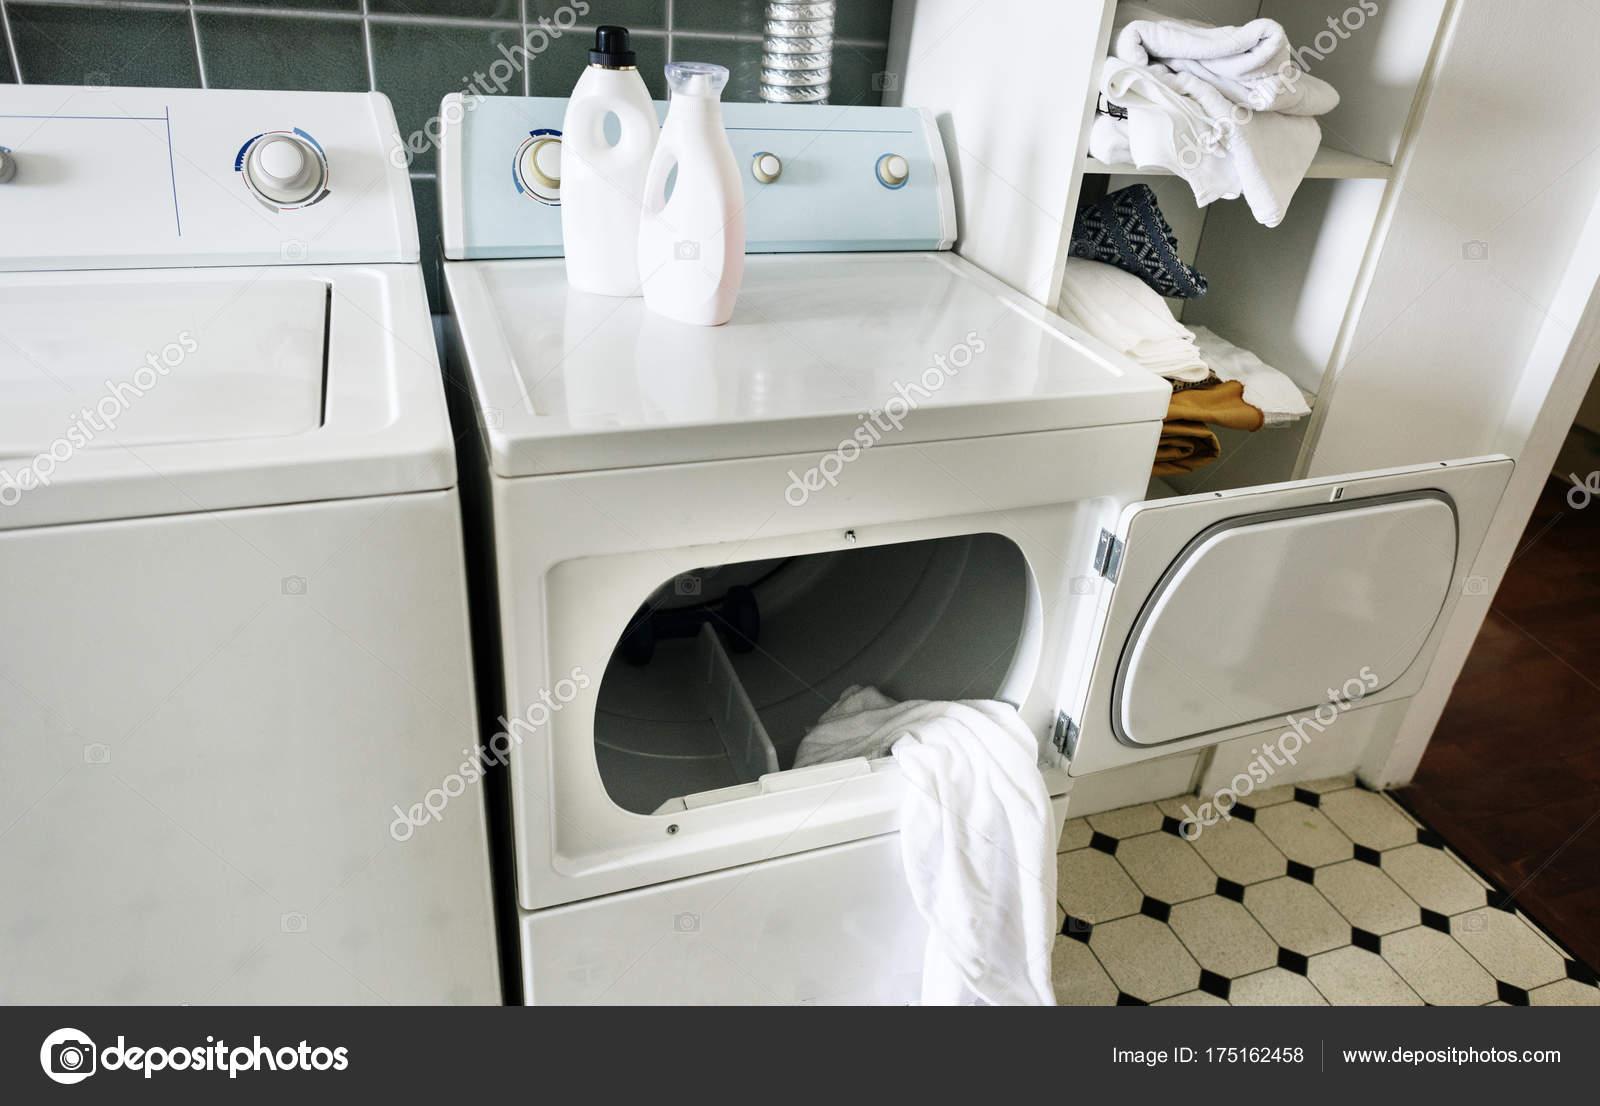 Blickfang Küche Mit Waschmaschine Das Beste Von Der Küche Original Fotoset — Stockfoto